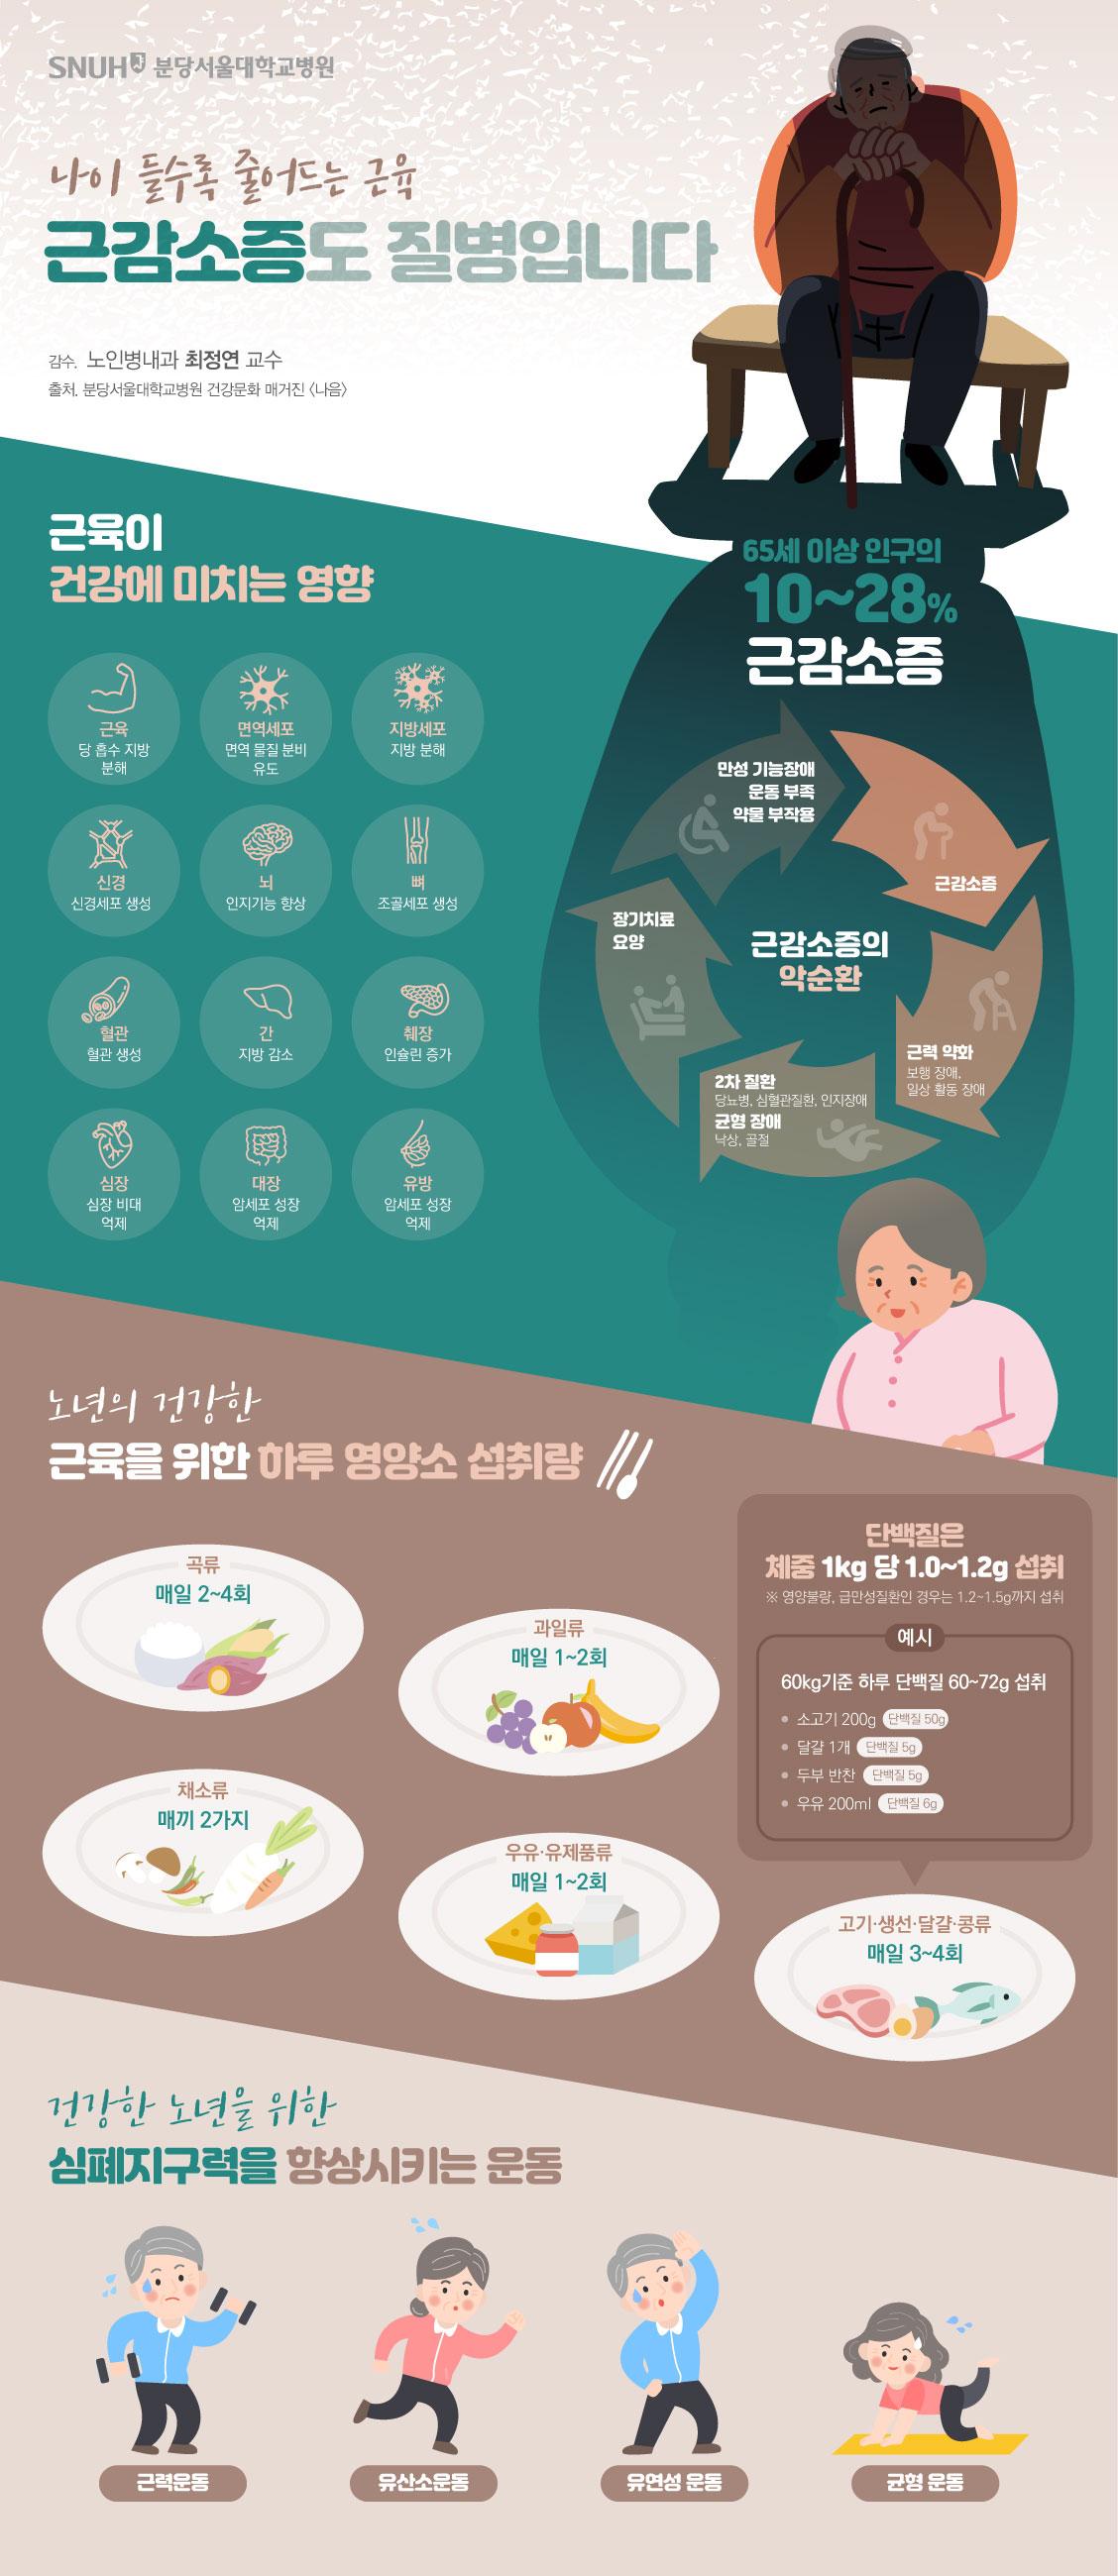 나이 들수록 중어드는 근유. 근감소증도 질병입니다. 감수, 노인병내과 최정연 교수, 출처. 분당서울대학교병원 건강문화매거진(나음).